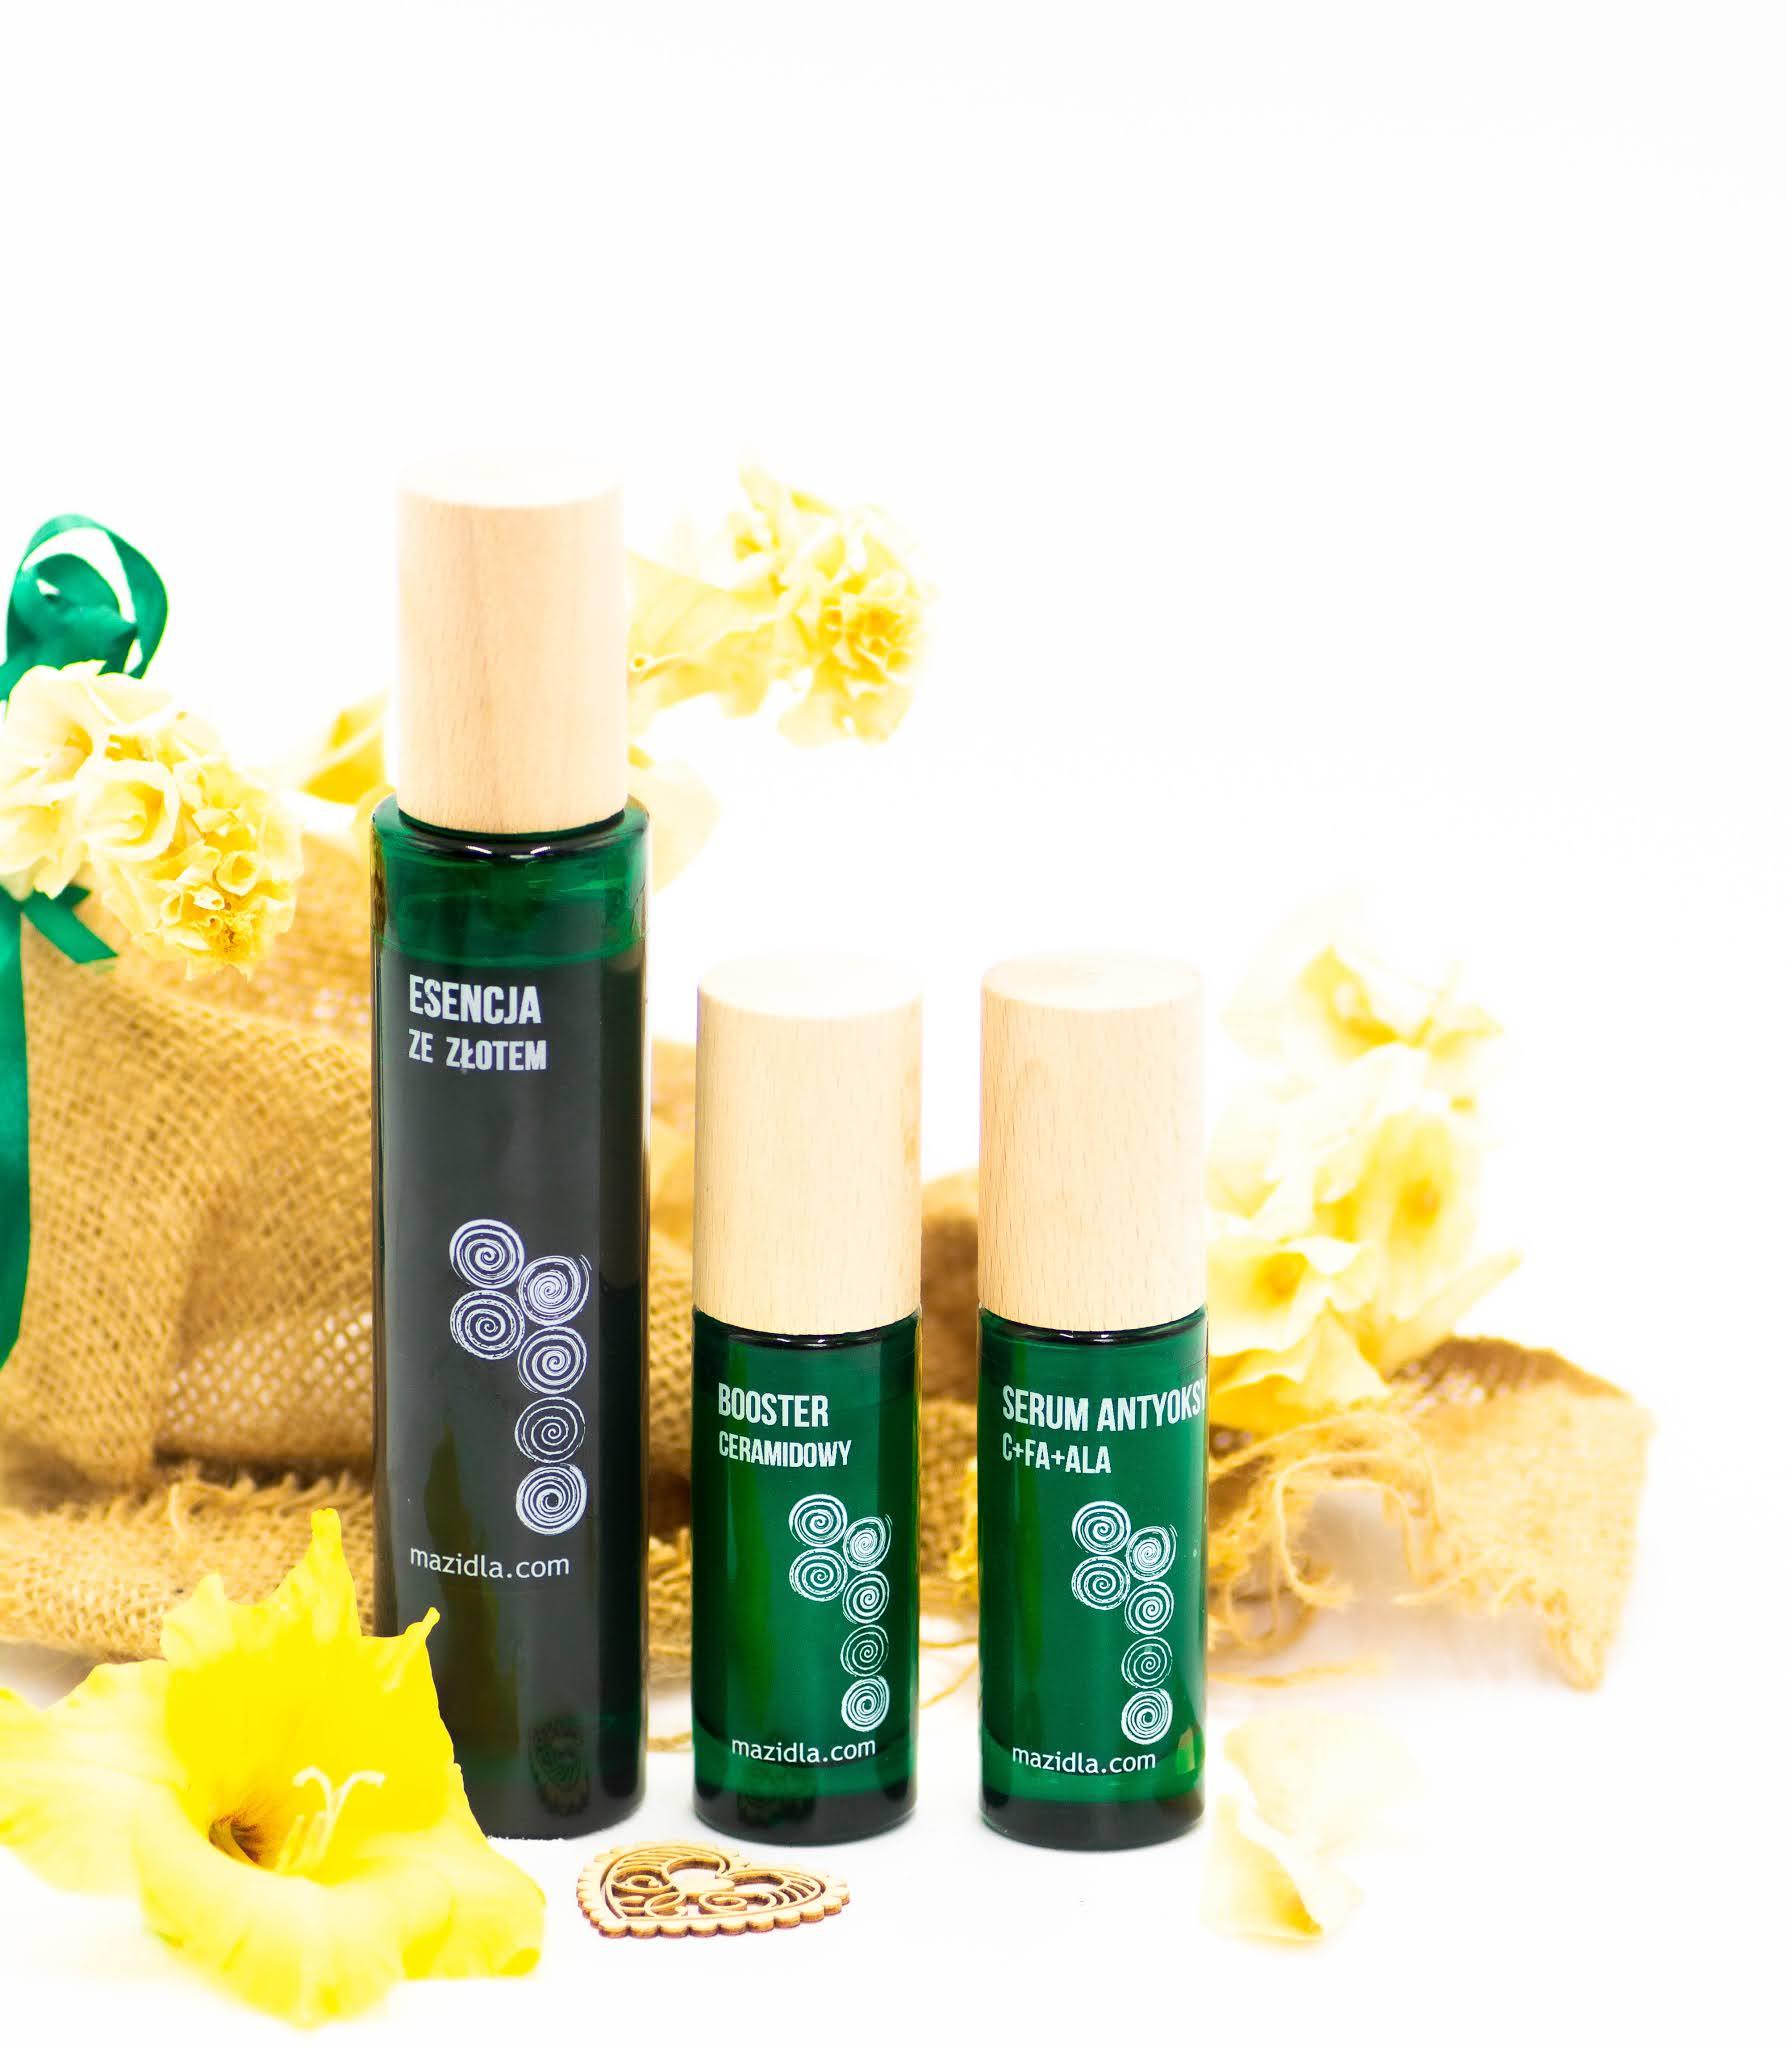 Prosto, szybko i przyjemnie, czyli jak zacząć tworzyć własne kosmetyki z zestawami Mazidla.com